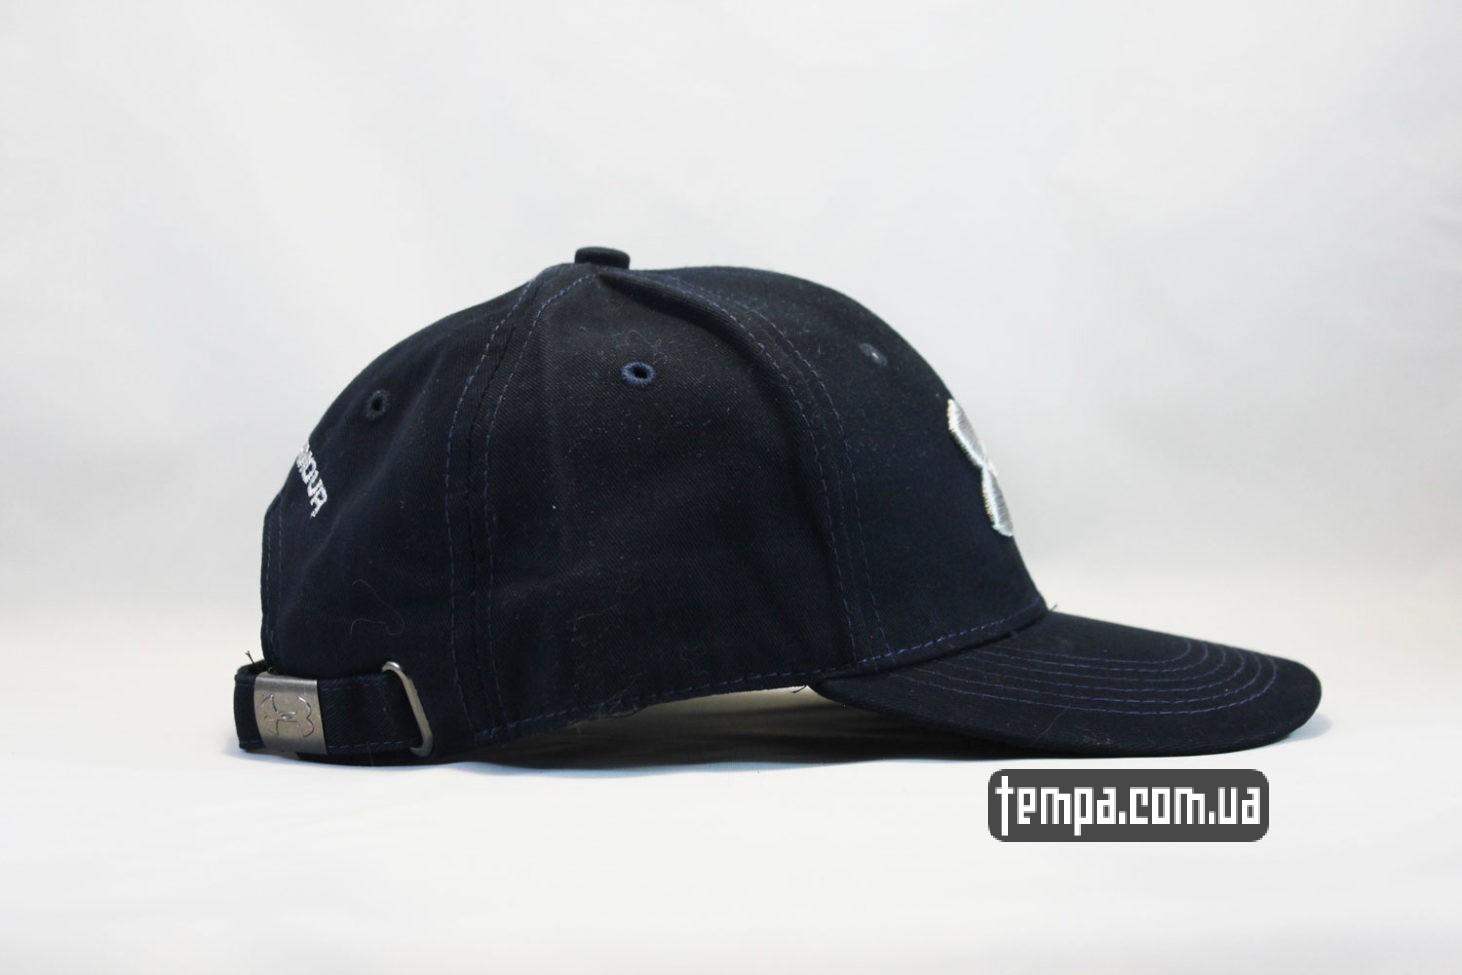 спортзал одежда кепка бейсболка UNDER ARMOUR синяя спортивная оригинал